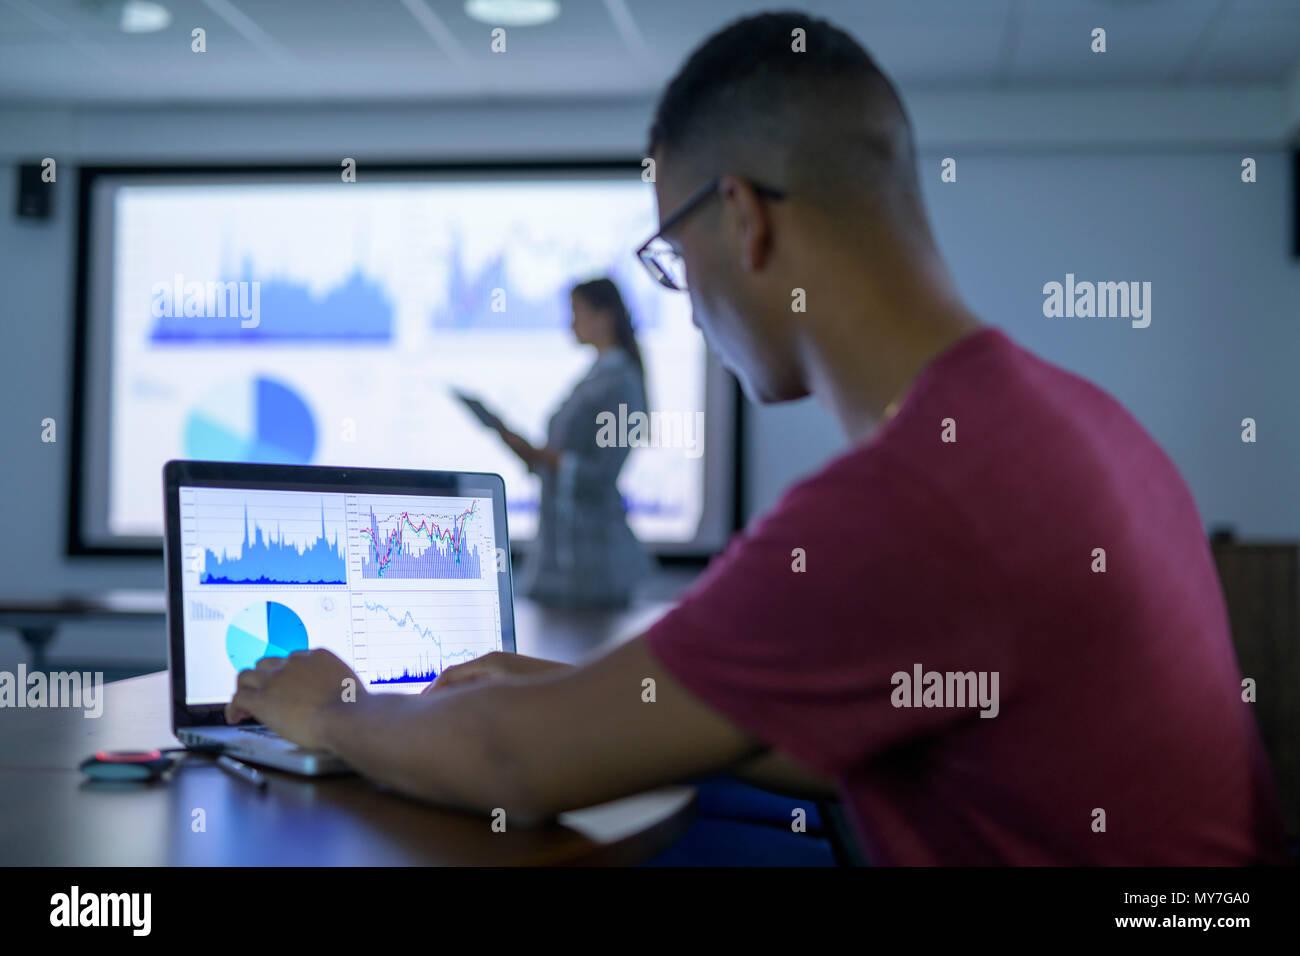 Businessman affichage des graphiques et des tableaux sur l'ordinateur portable en réunion d'affaires Banque D'Images